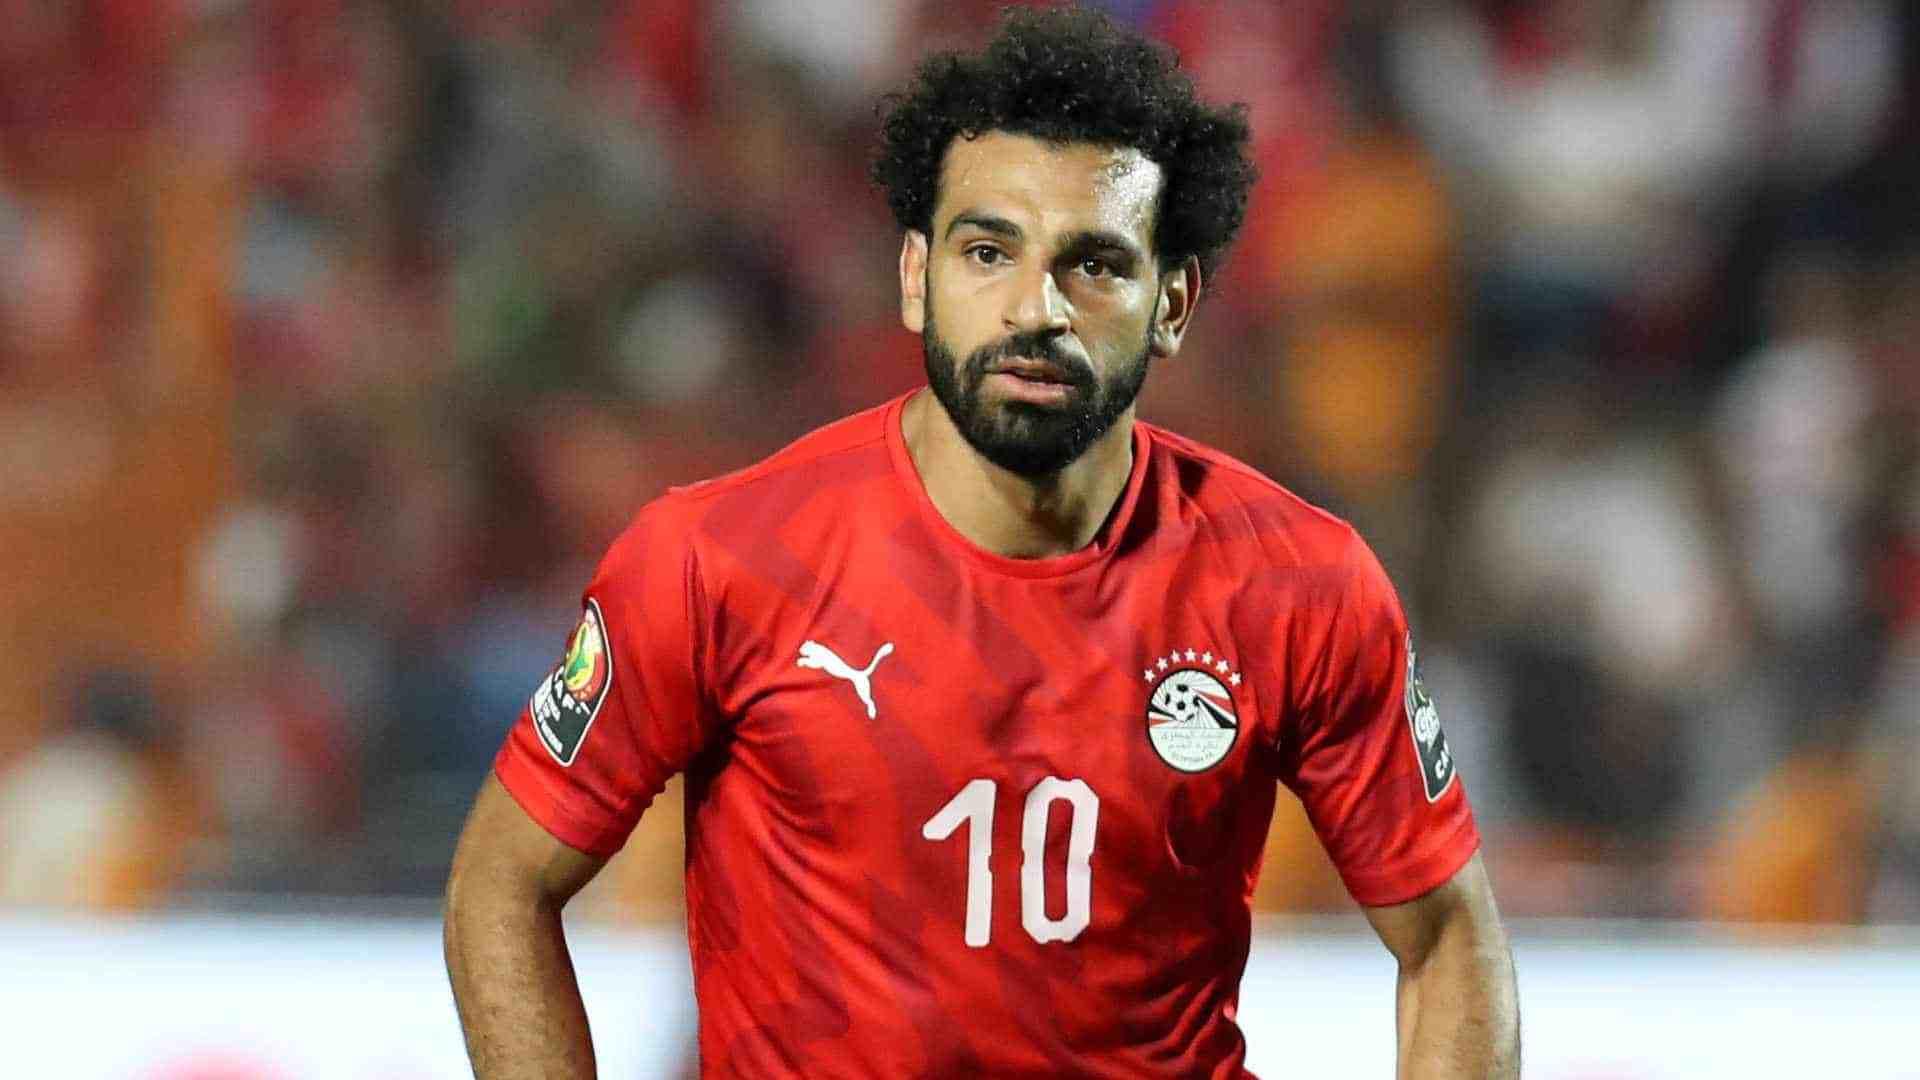 محمد صلاح يغيب عن تمارين منتخب مصر - الرياضي - بطولة أمم إفريقيا - البيان